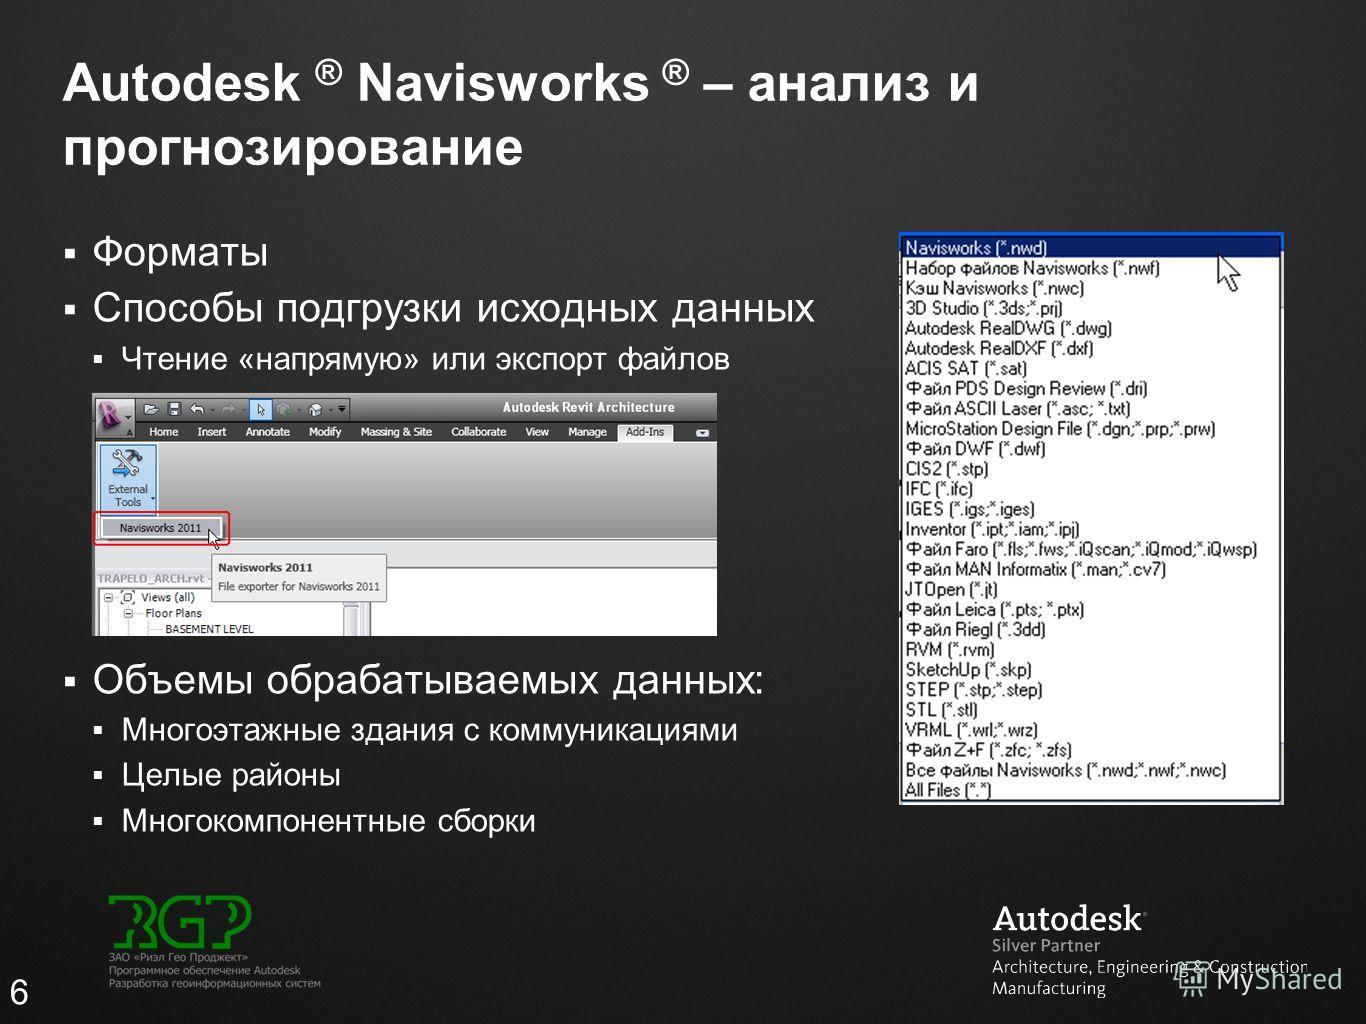 Autodesk ® Navisworks ® – анализ и прогнозирование Форматы Способы подгрузки исходных данных Чтение «напрямую» или экспорт файлов Объемы обрабатываемых данных: Многоэтажные здания с коммуникациями Целые районы Многокомпонентные сборки 6